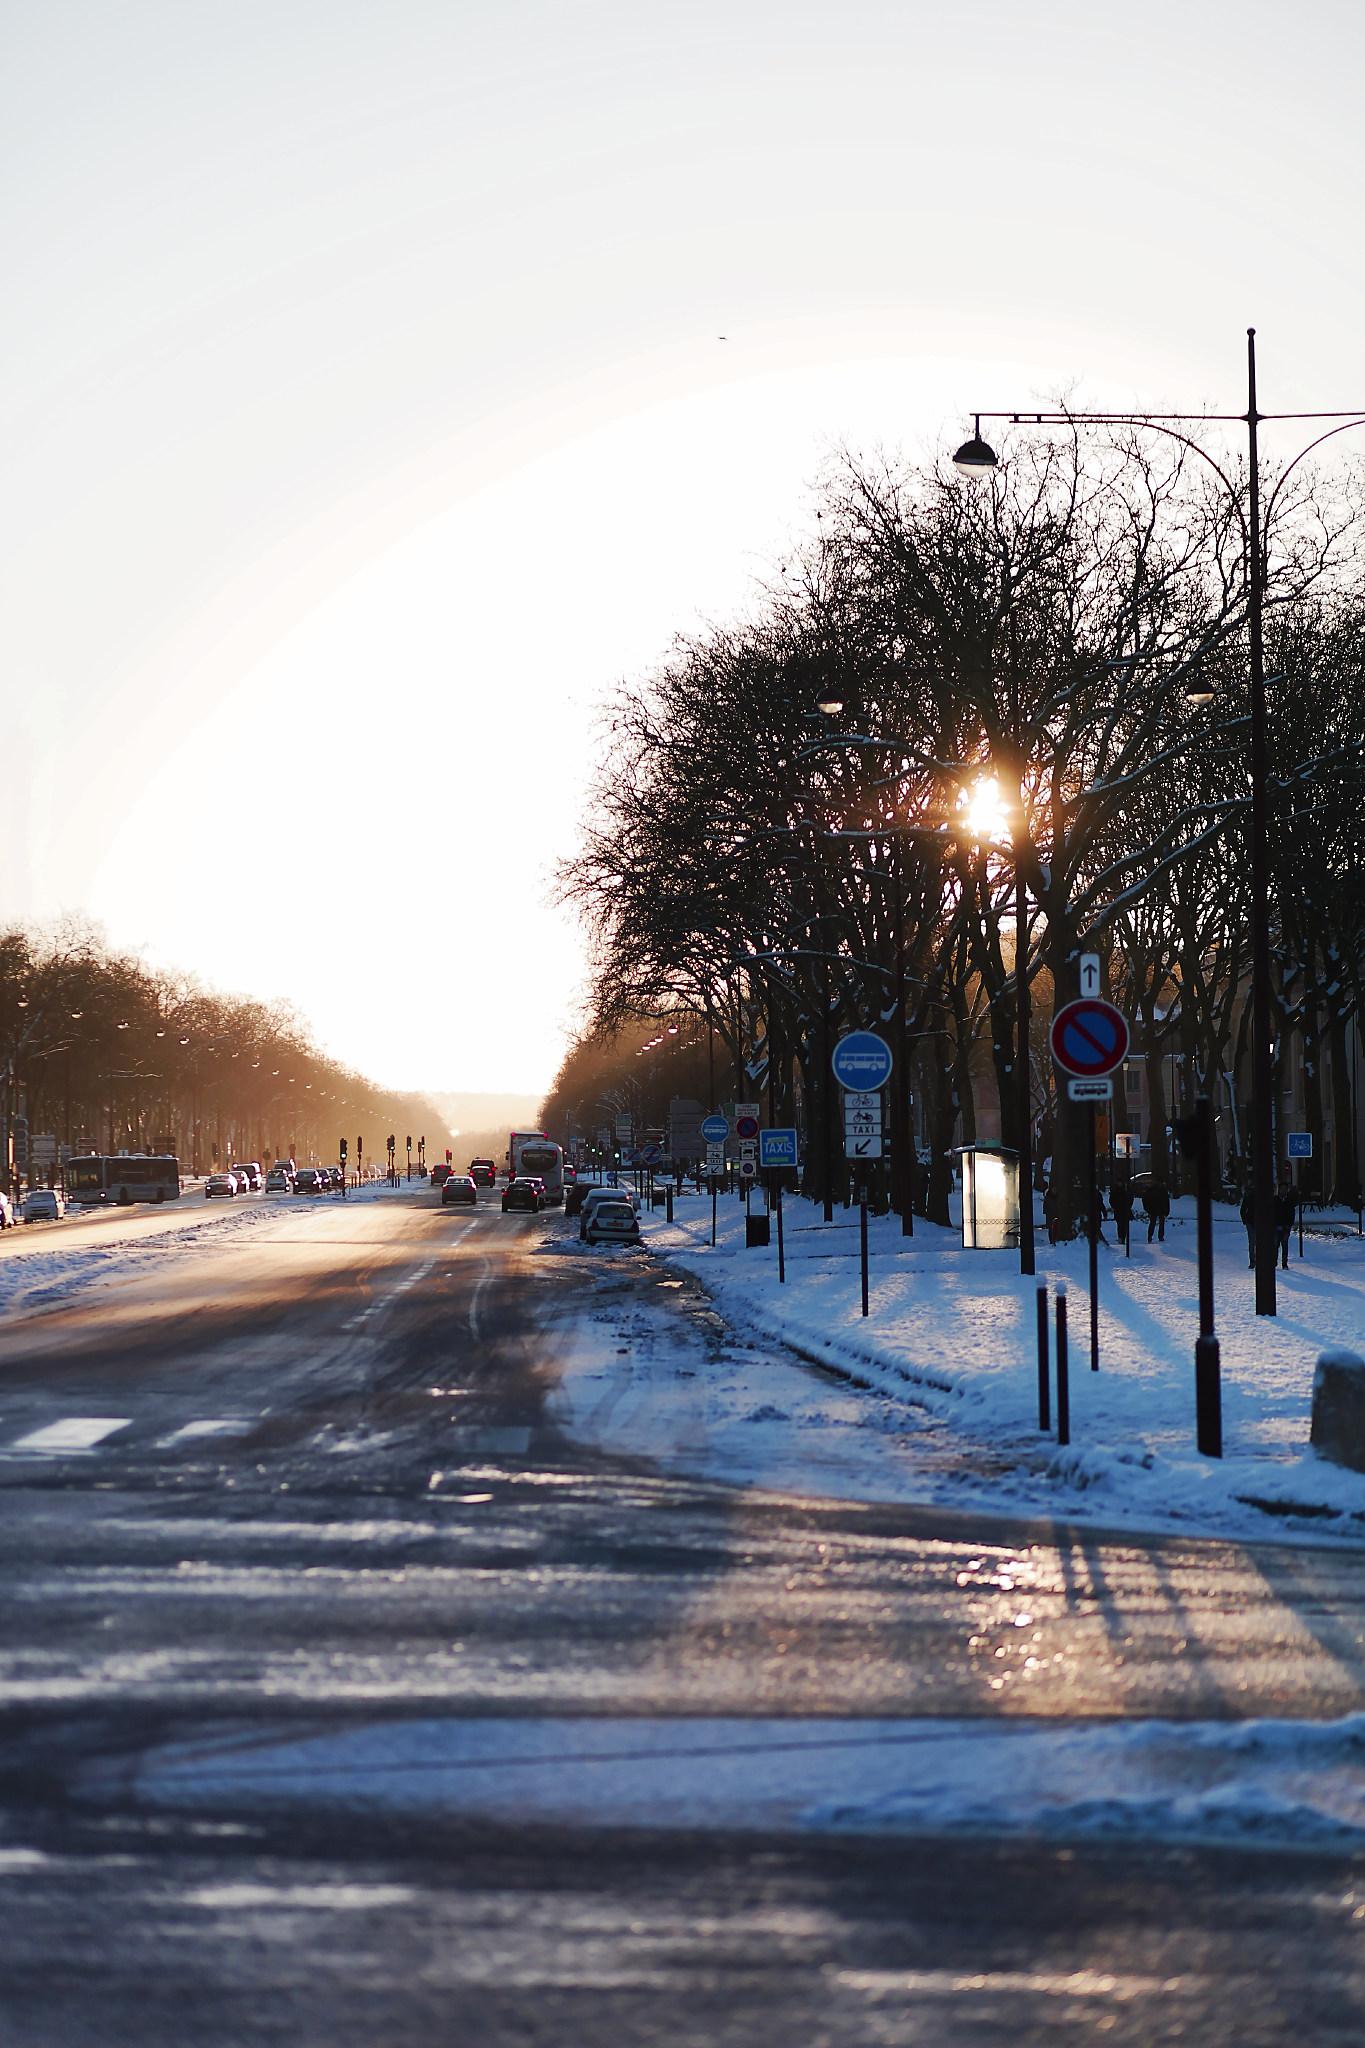 VERSAILLES SNOW LES INDISPENSABLES PARIS (16).jpg